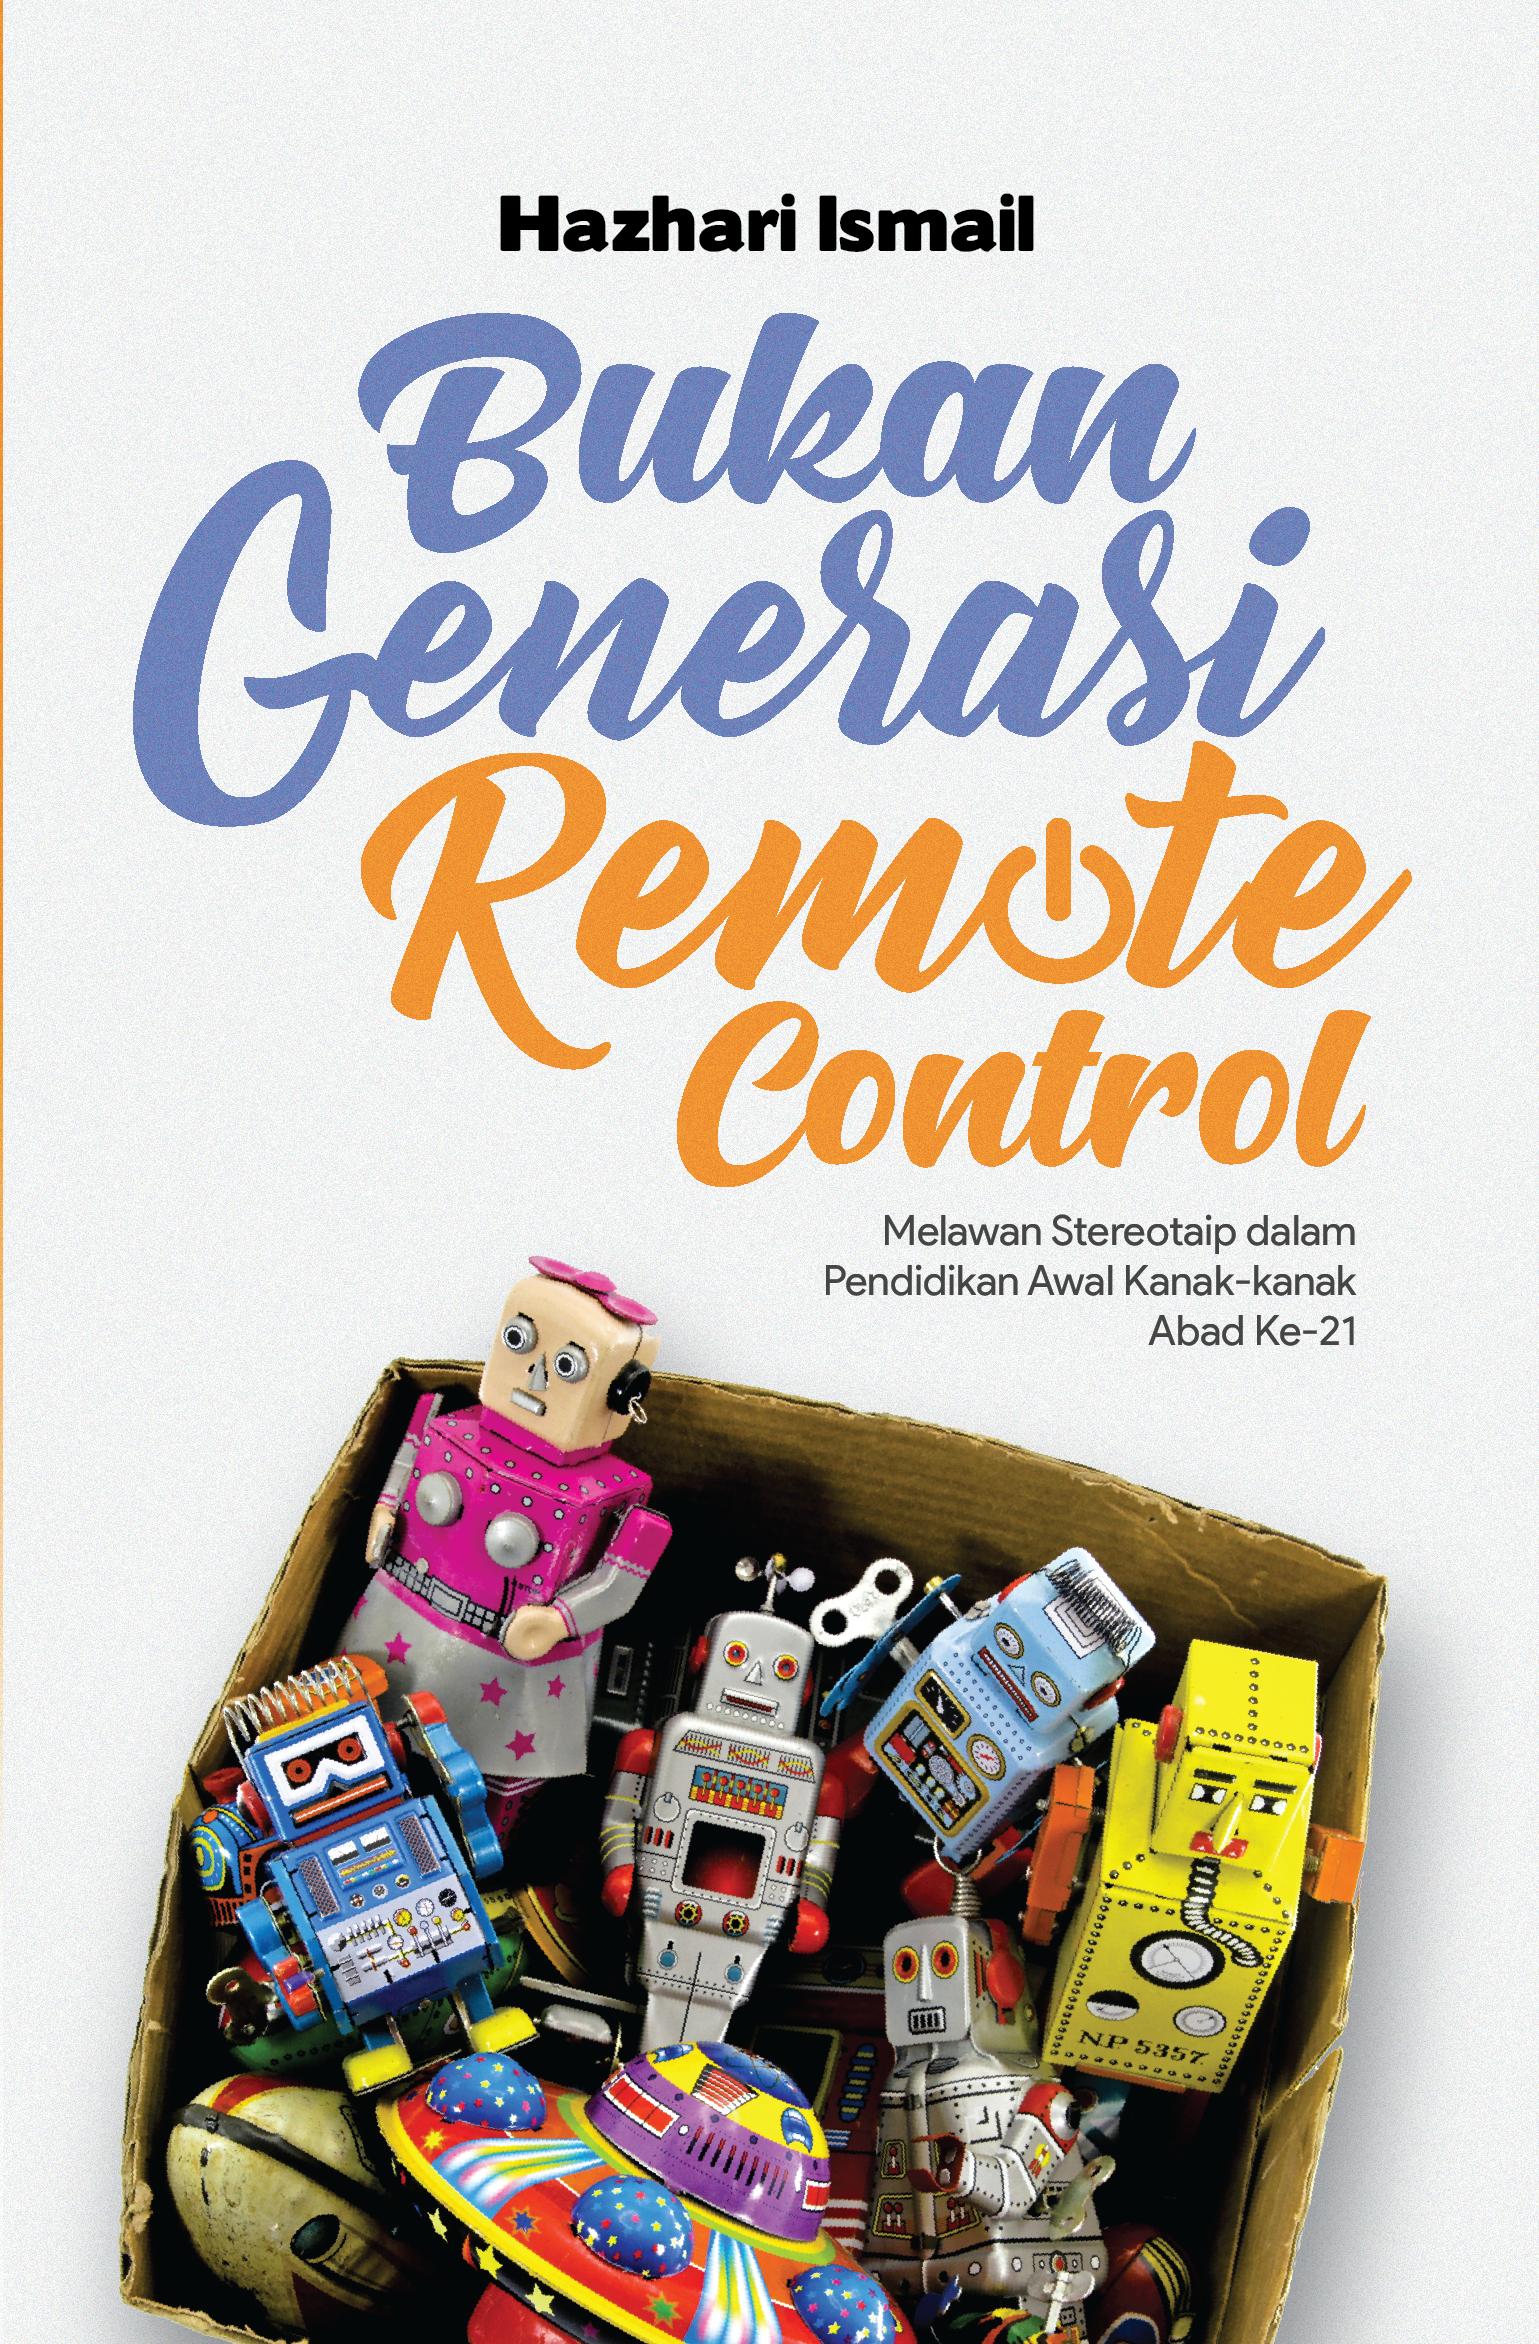 BukanGenerasi-Cover_11Jan19-Cropped1.png